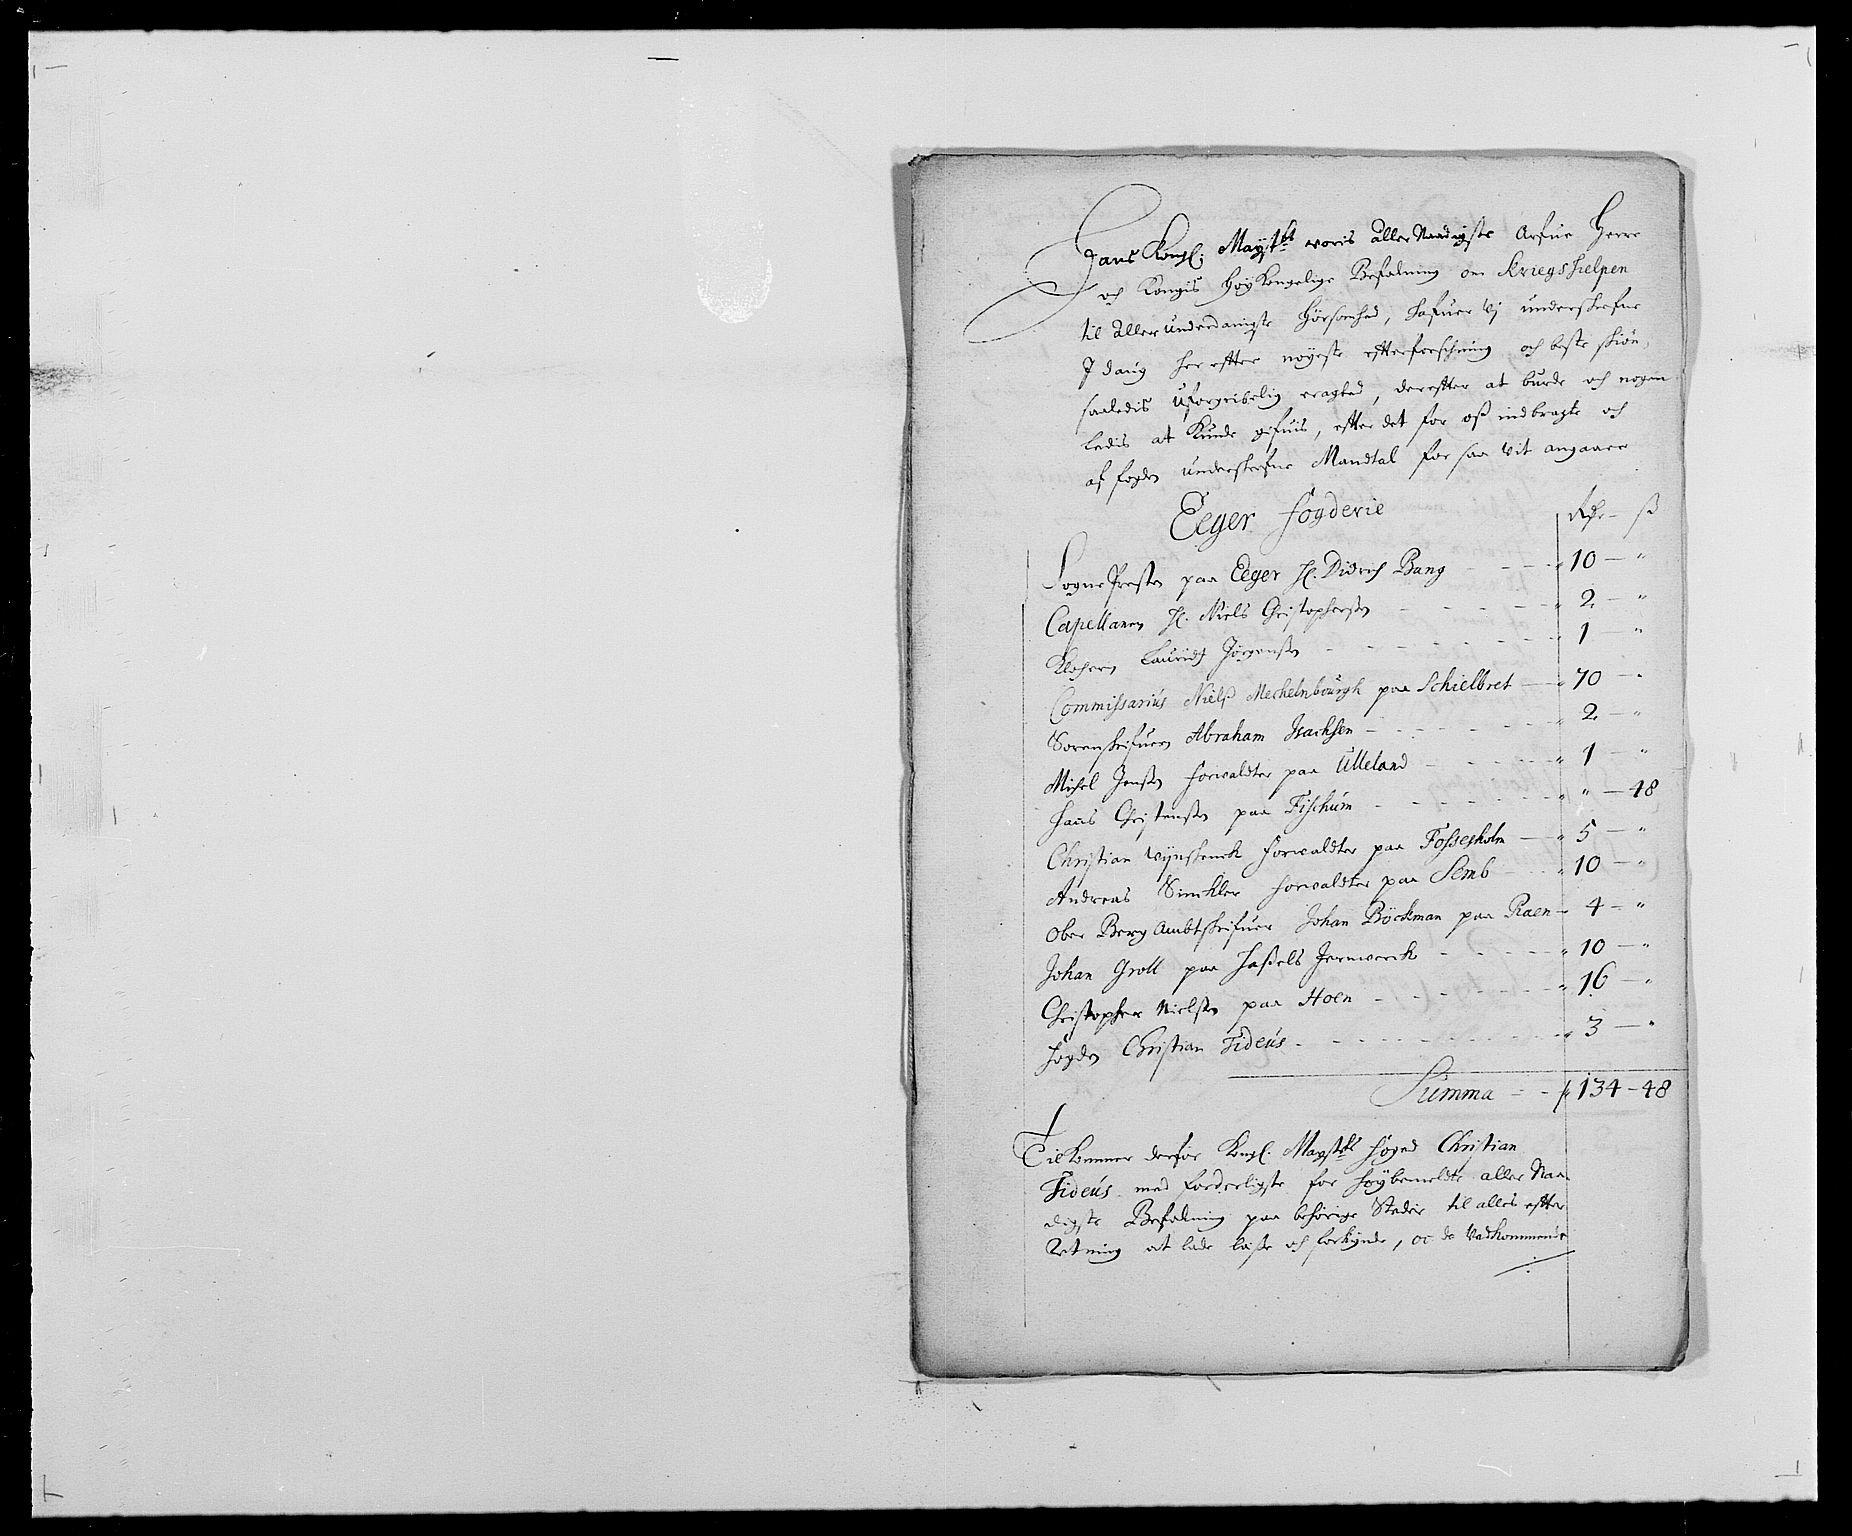 RA, Rentekammeret inntil 1814, Reviderte regnskaper, Fogderegnskap, R26/L1684: Fogderegnskap Eiker, 1679-1686, s. 416